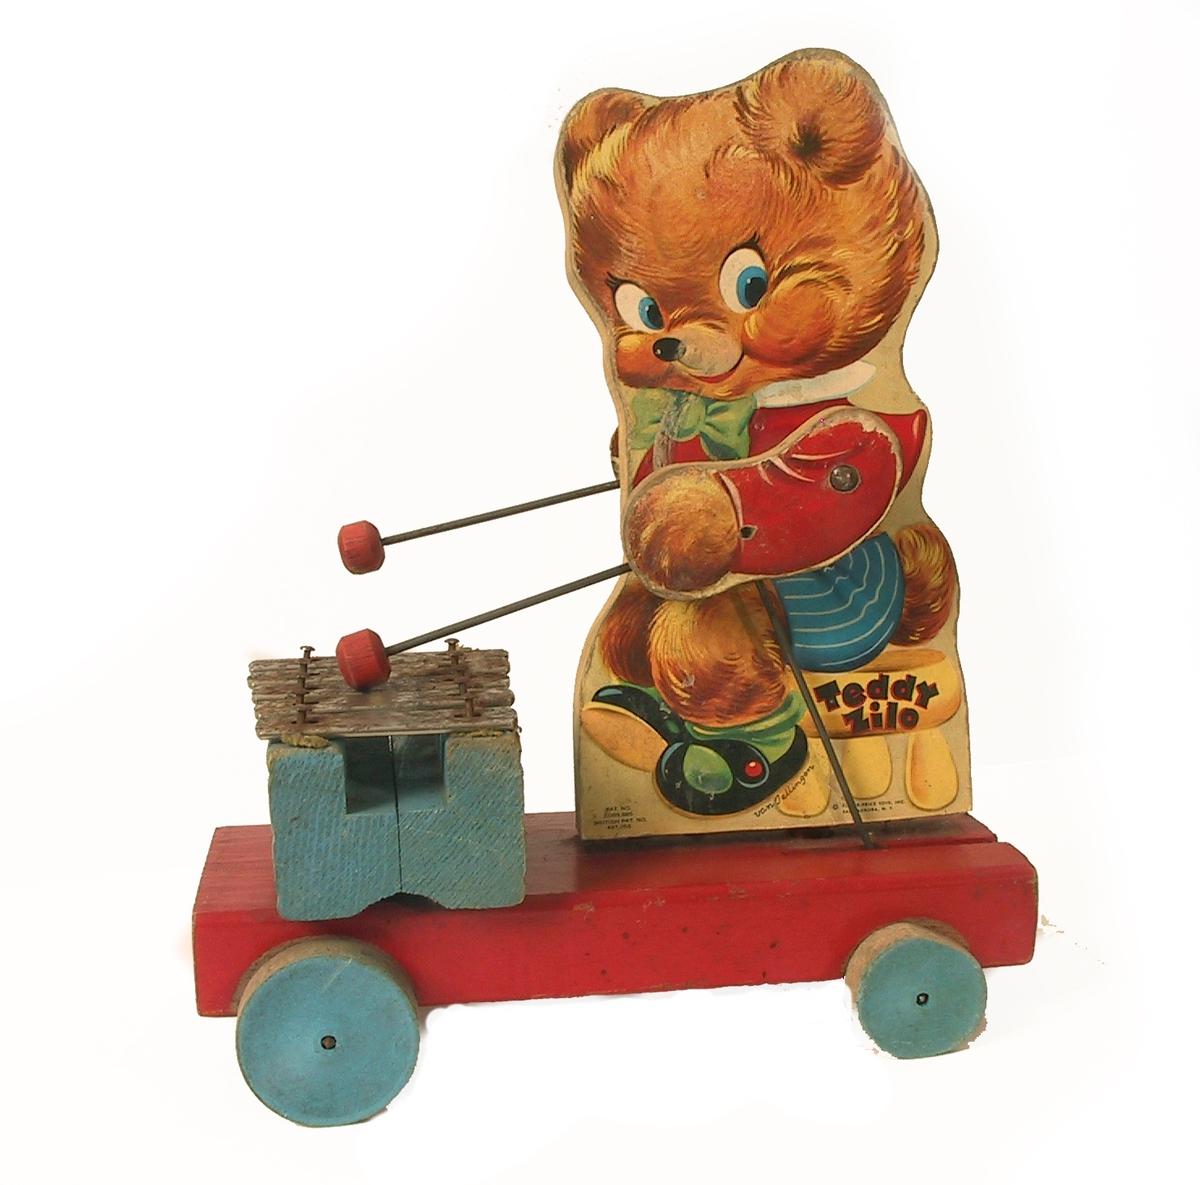 Lekebjørn som spiller xylofonLiten trevogn med 4 hjul,  malt rød og blå, på vognen  konturskåret figur av teddybjørn, som når vognen trekkes, spiller xylofon.  Tre, papir, metall    Figuren pålimt fargetrykk, glanset papir, m. tekst  Teddy Zilo./ Fisher Price Toys, Inc. East Aurora, N. Y.